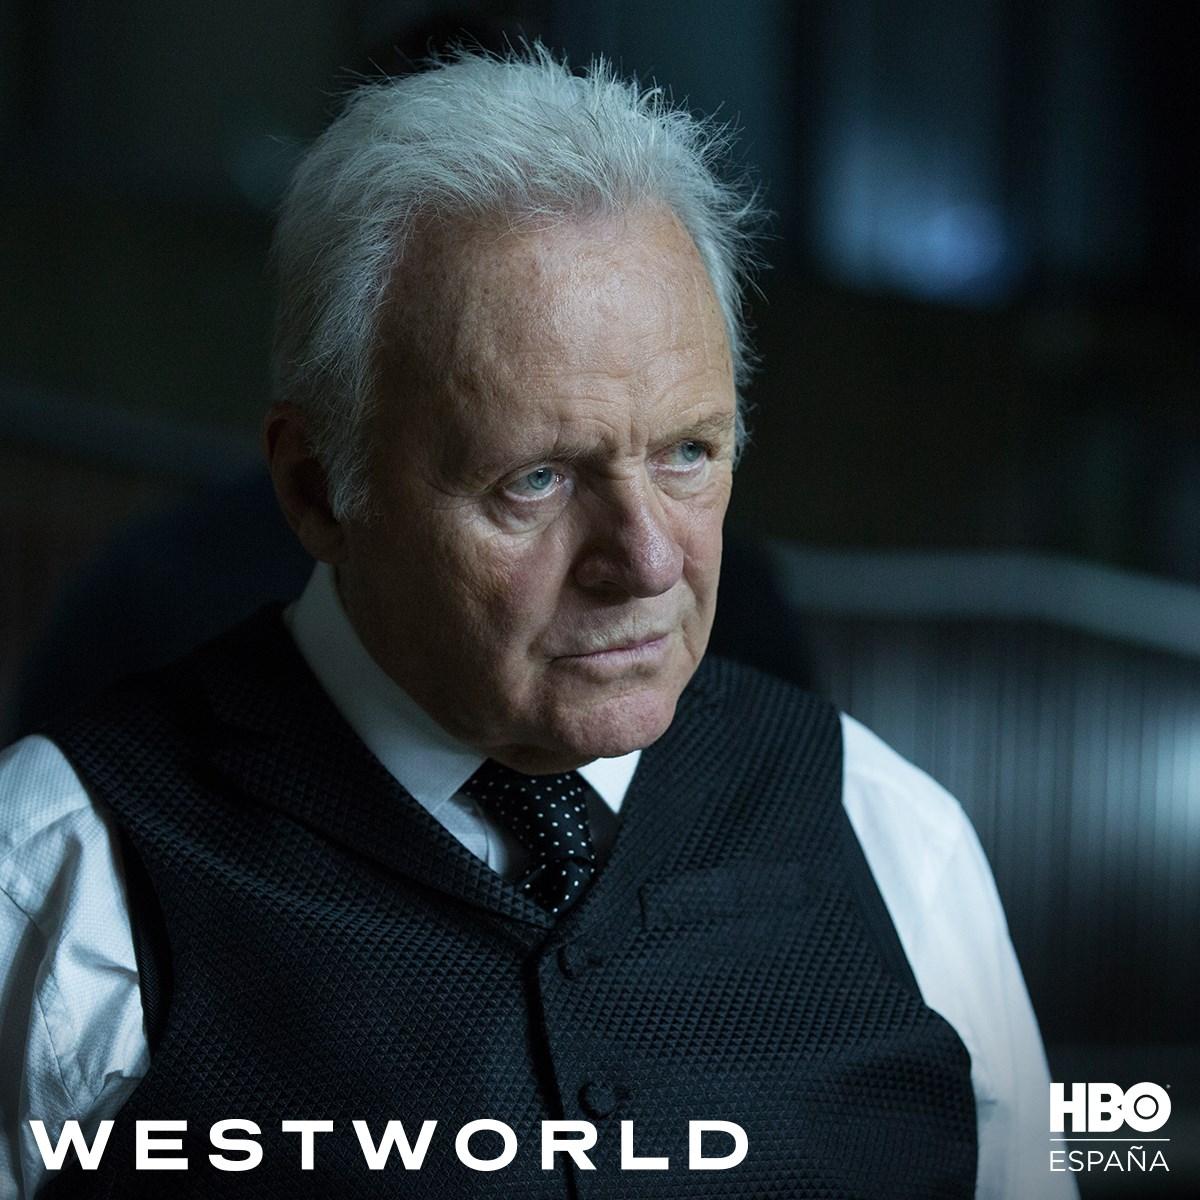 La llegada de HBO España parece más que inminente